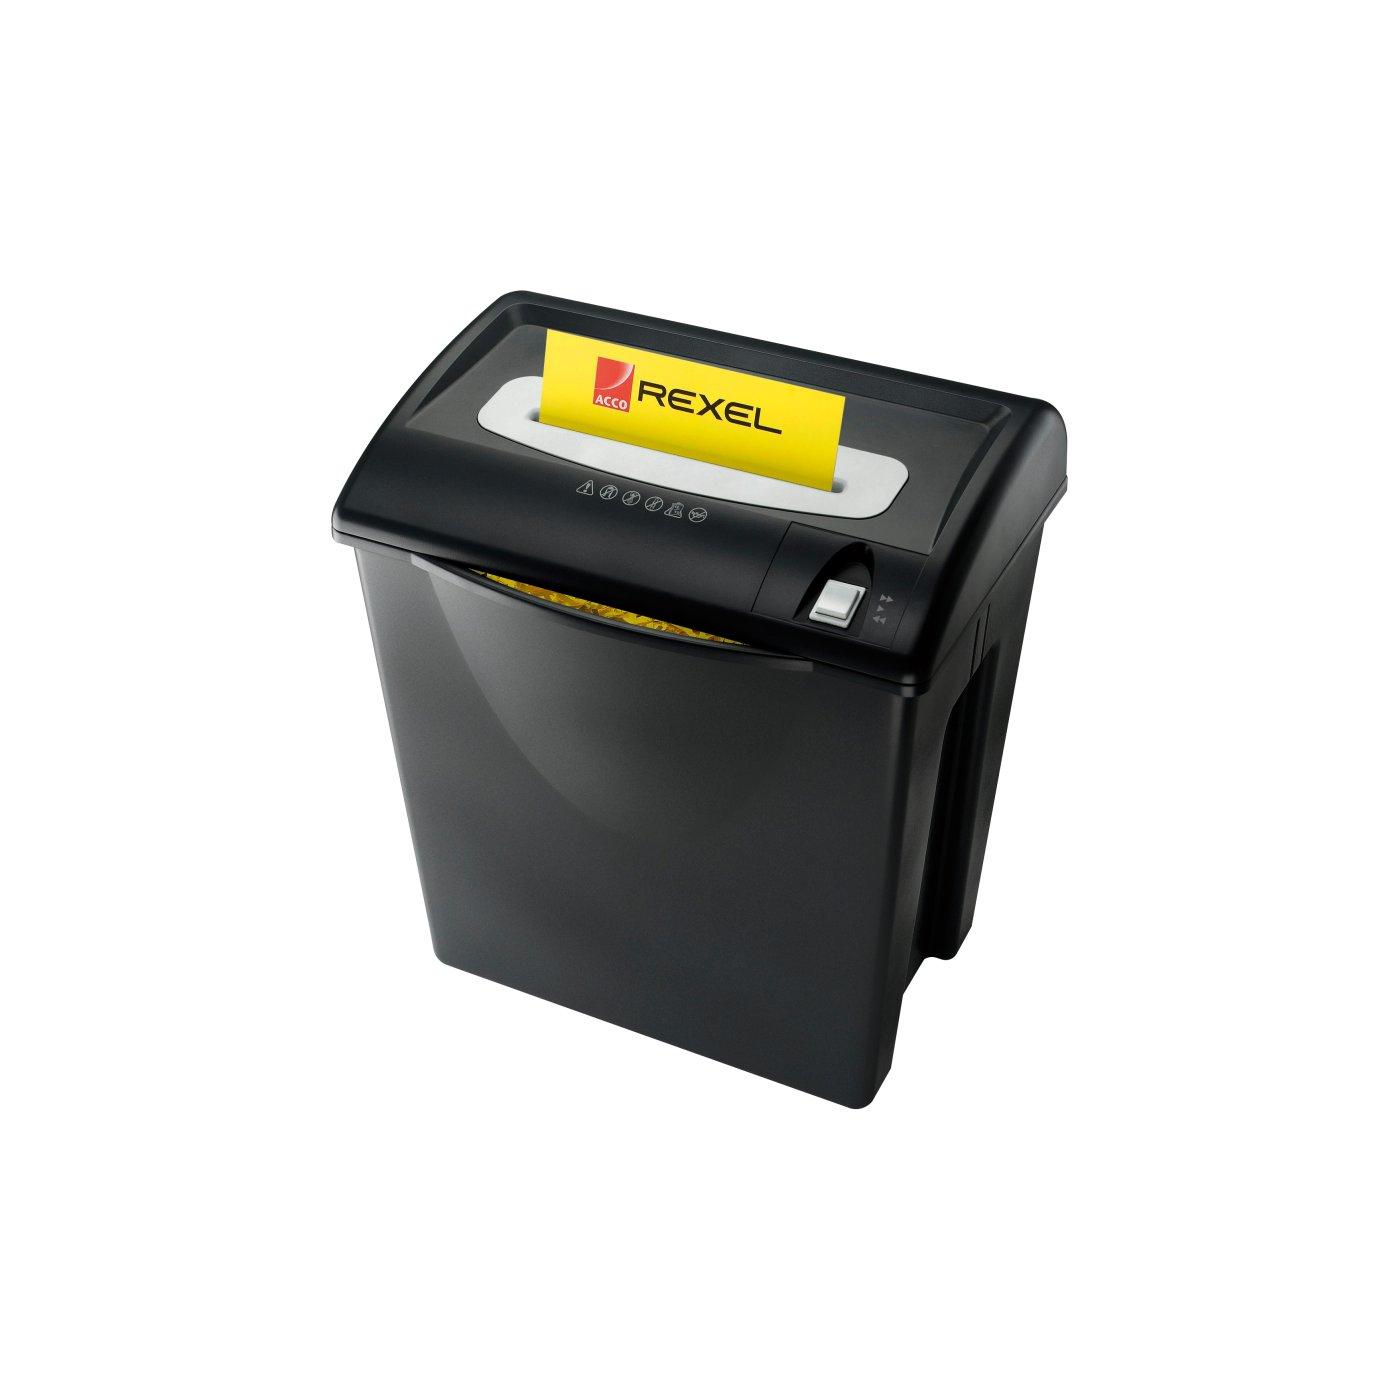 Rexel v125 paper shredder